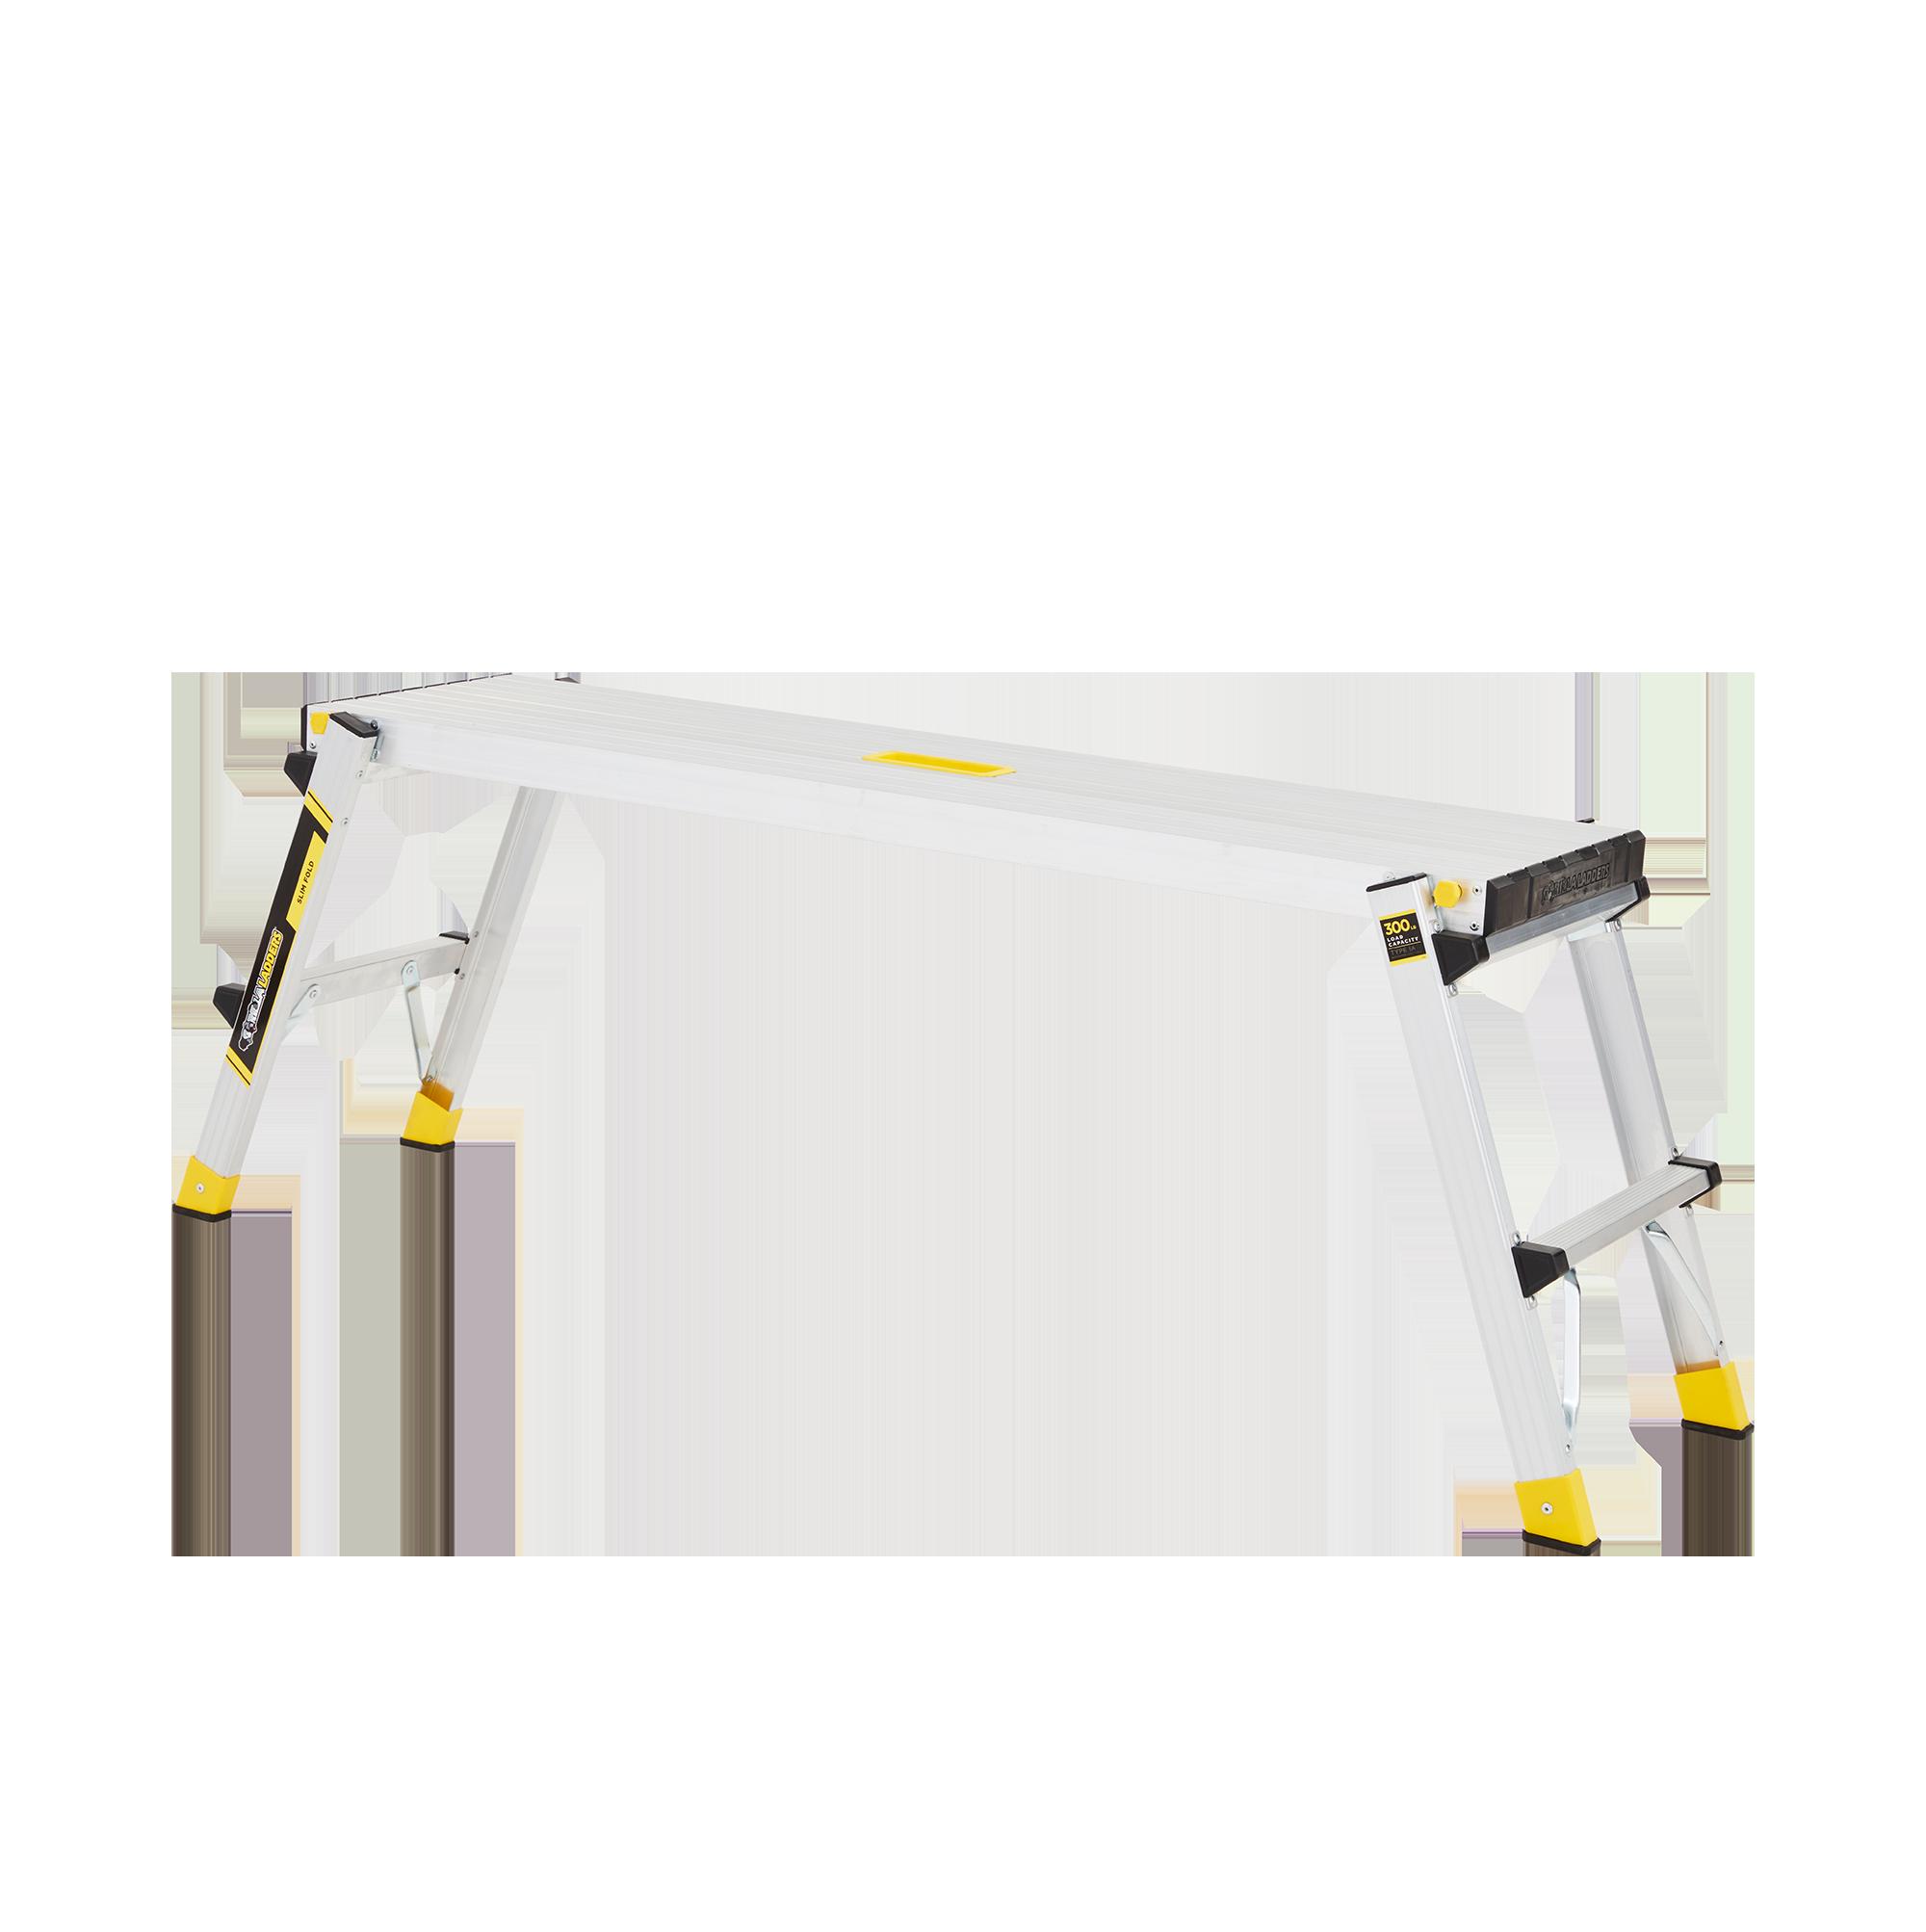 Gorilla Laddersplatforms Gorilla Ladders